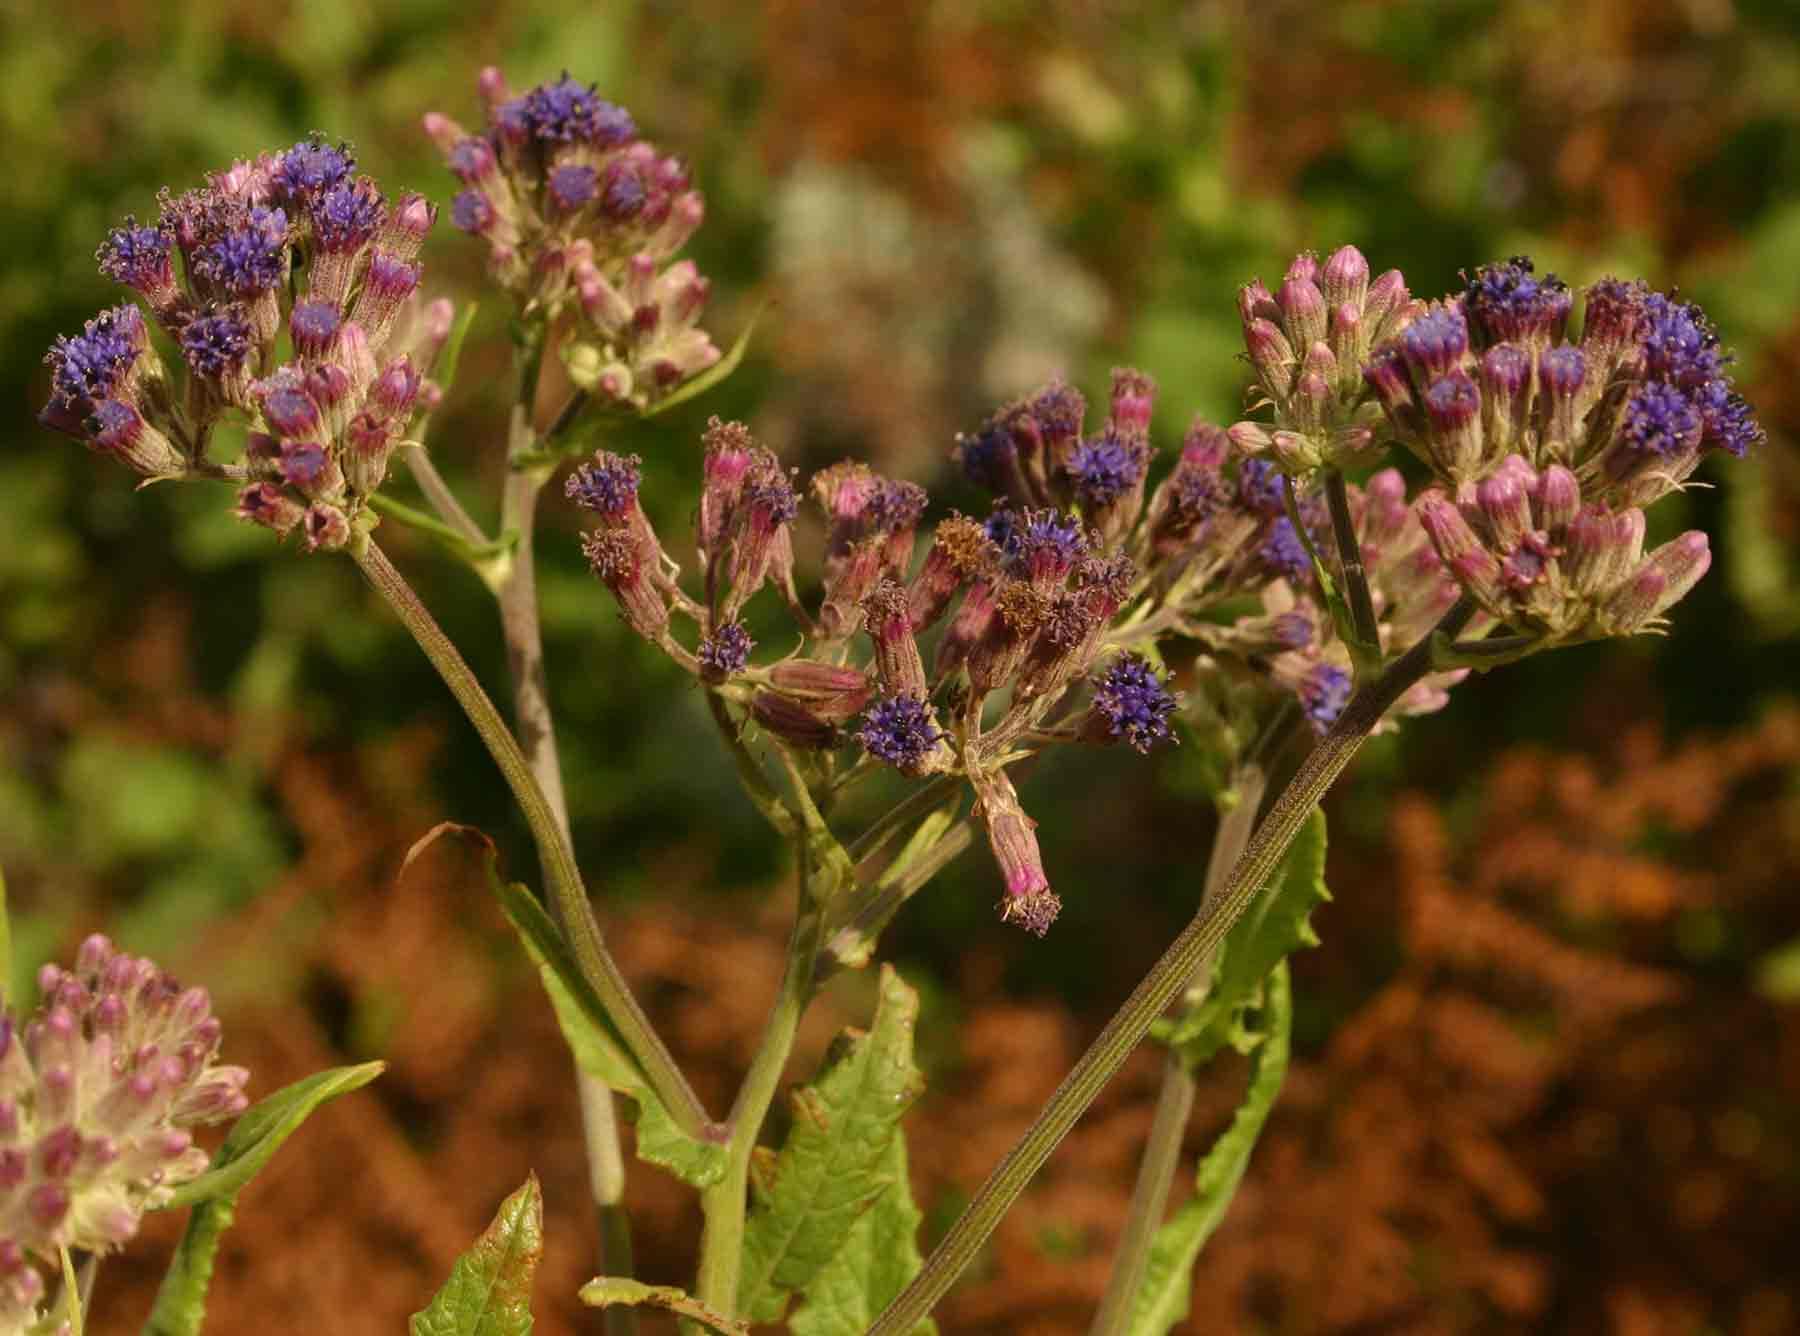 Senecio purpureus